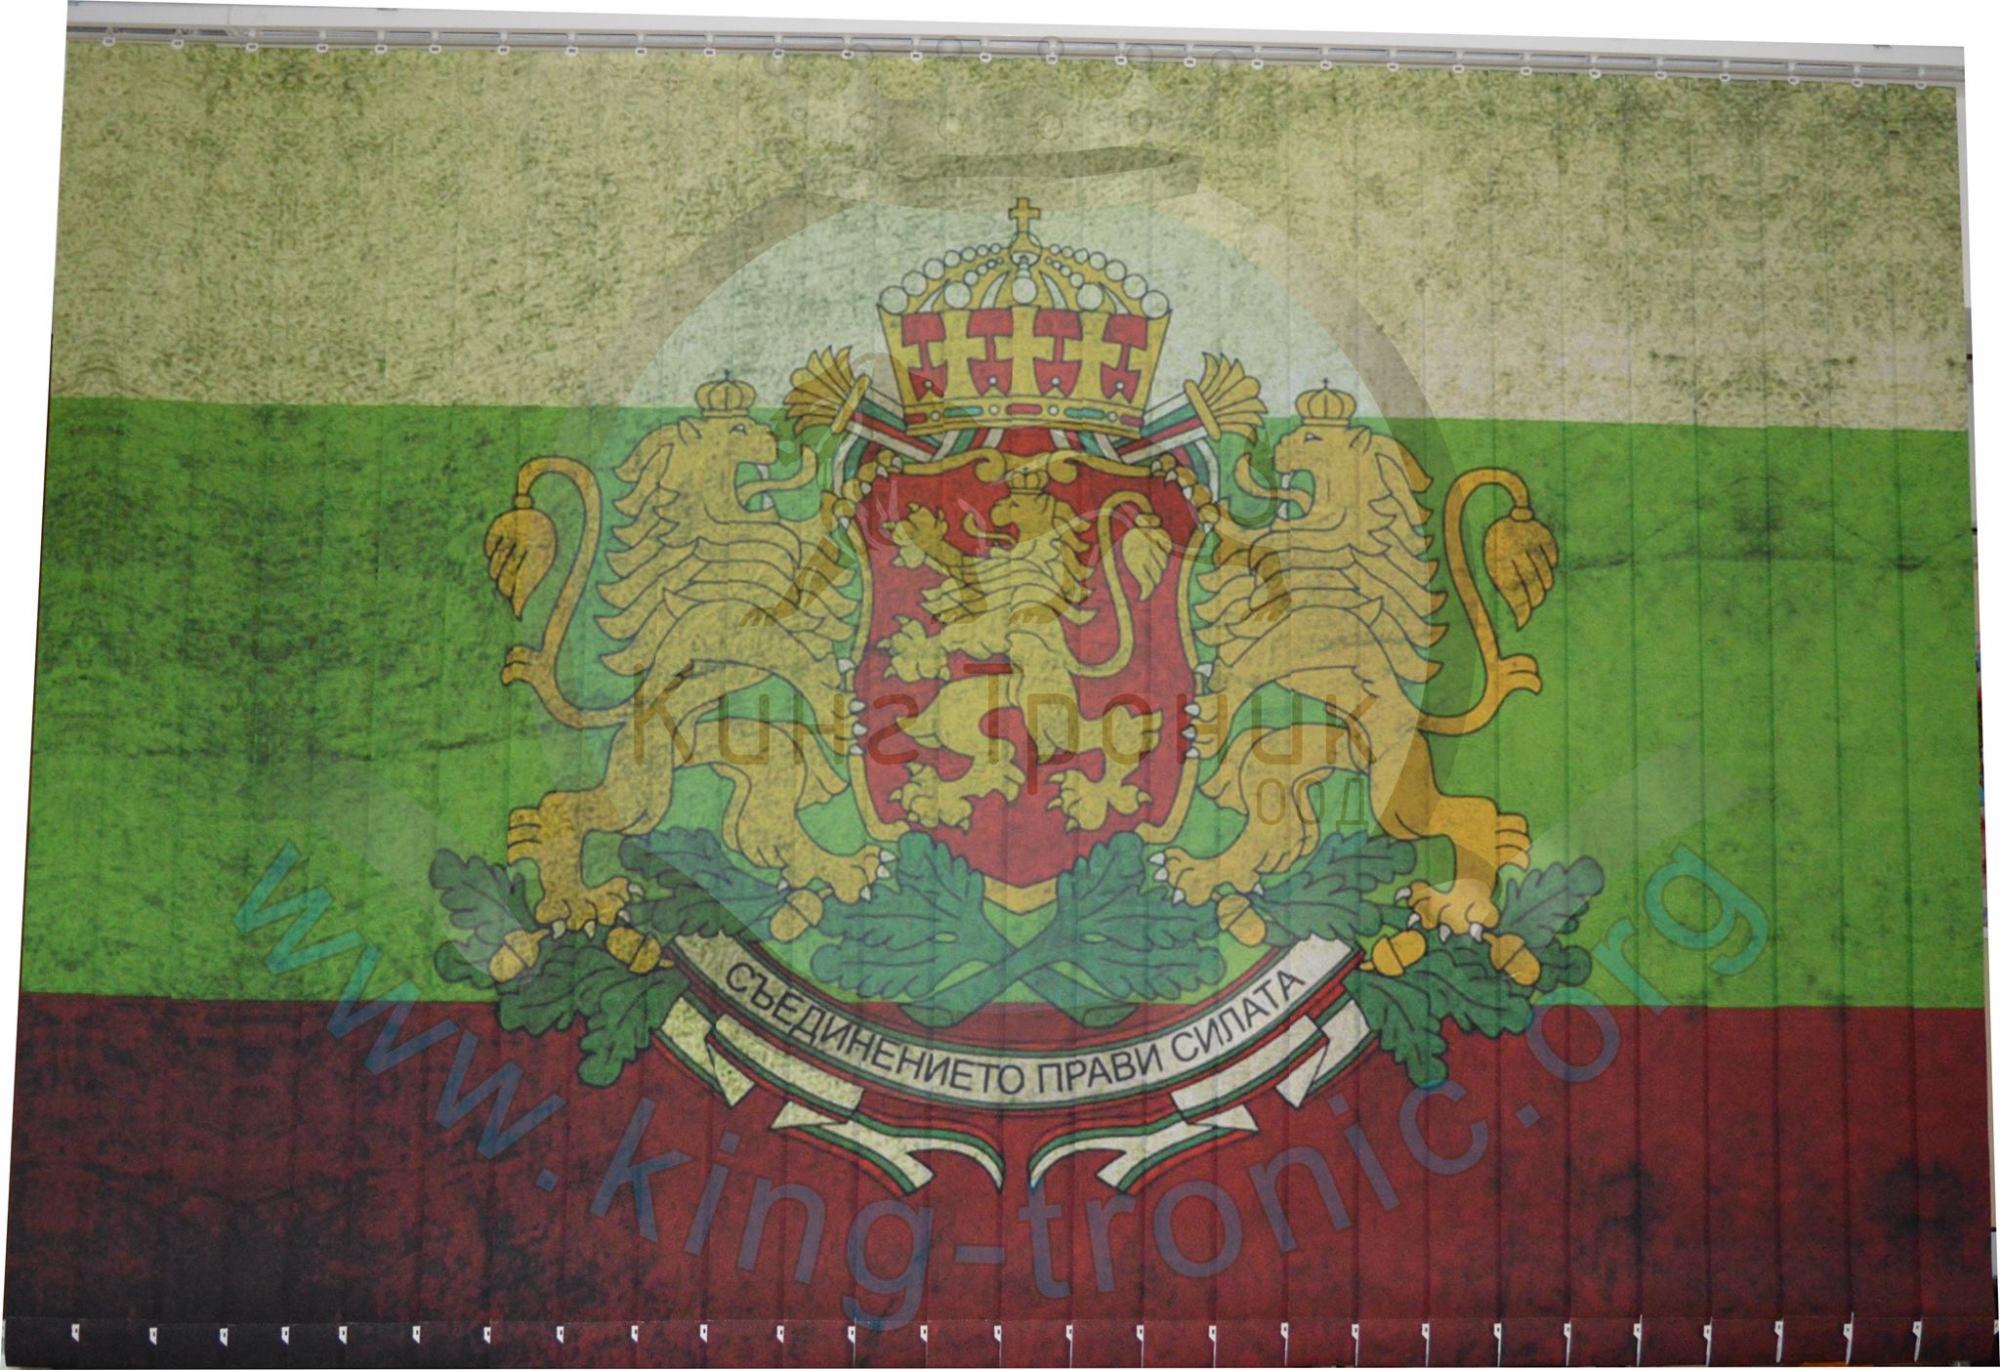 Вертикална фото щора - Индивидуален проект с Национално знаме на България!